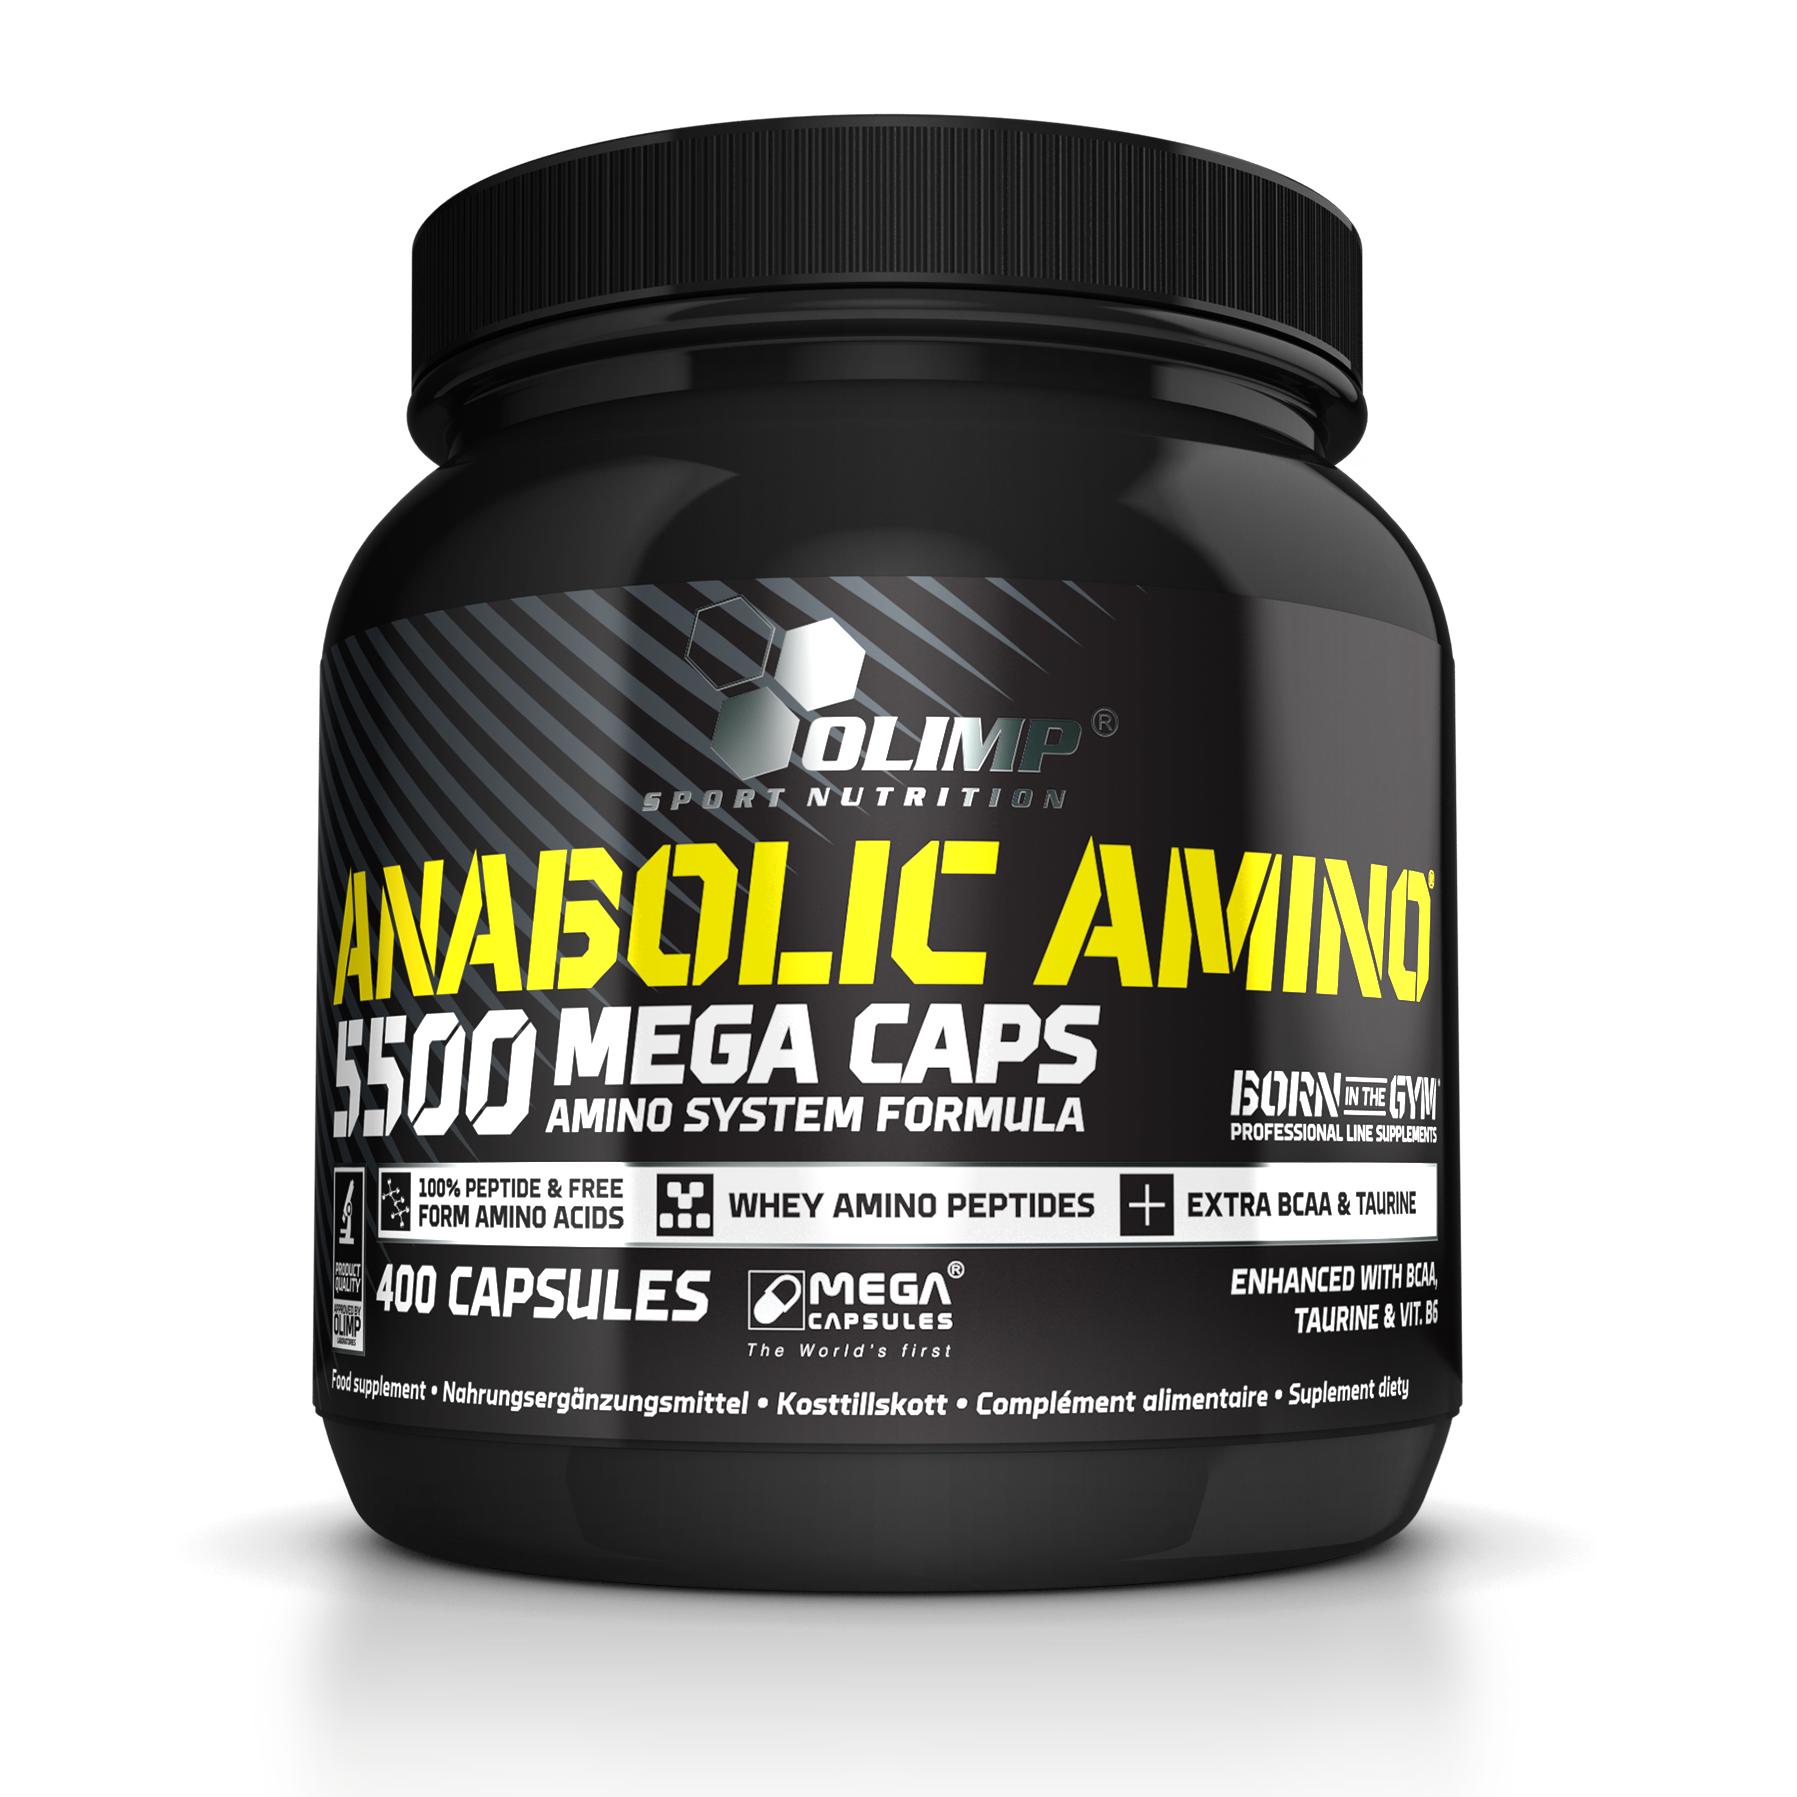 olimp-anabolic-amino-5500